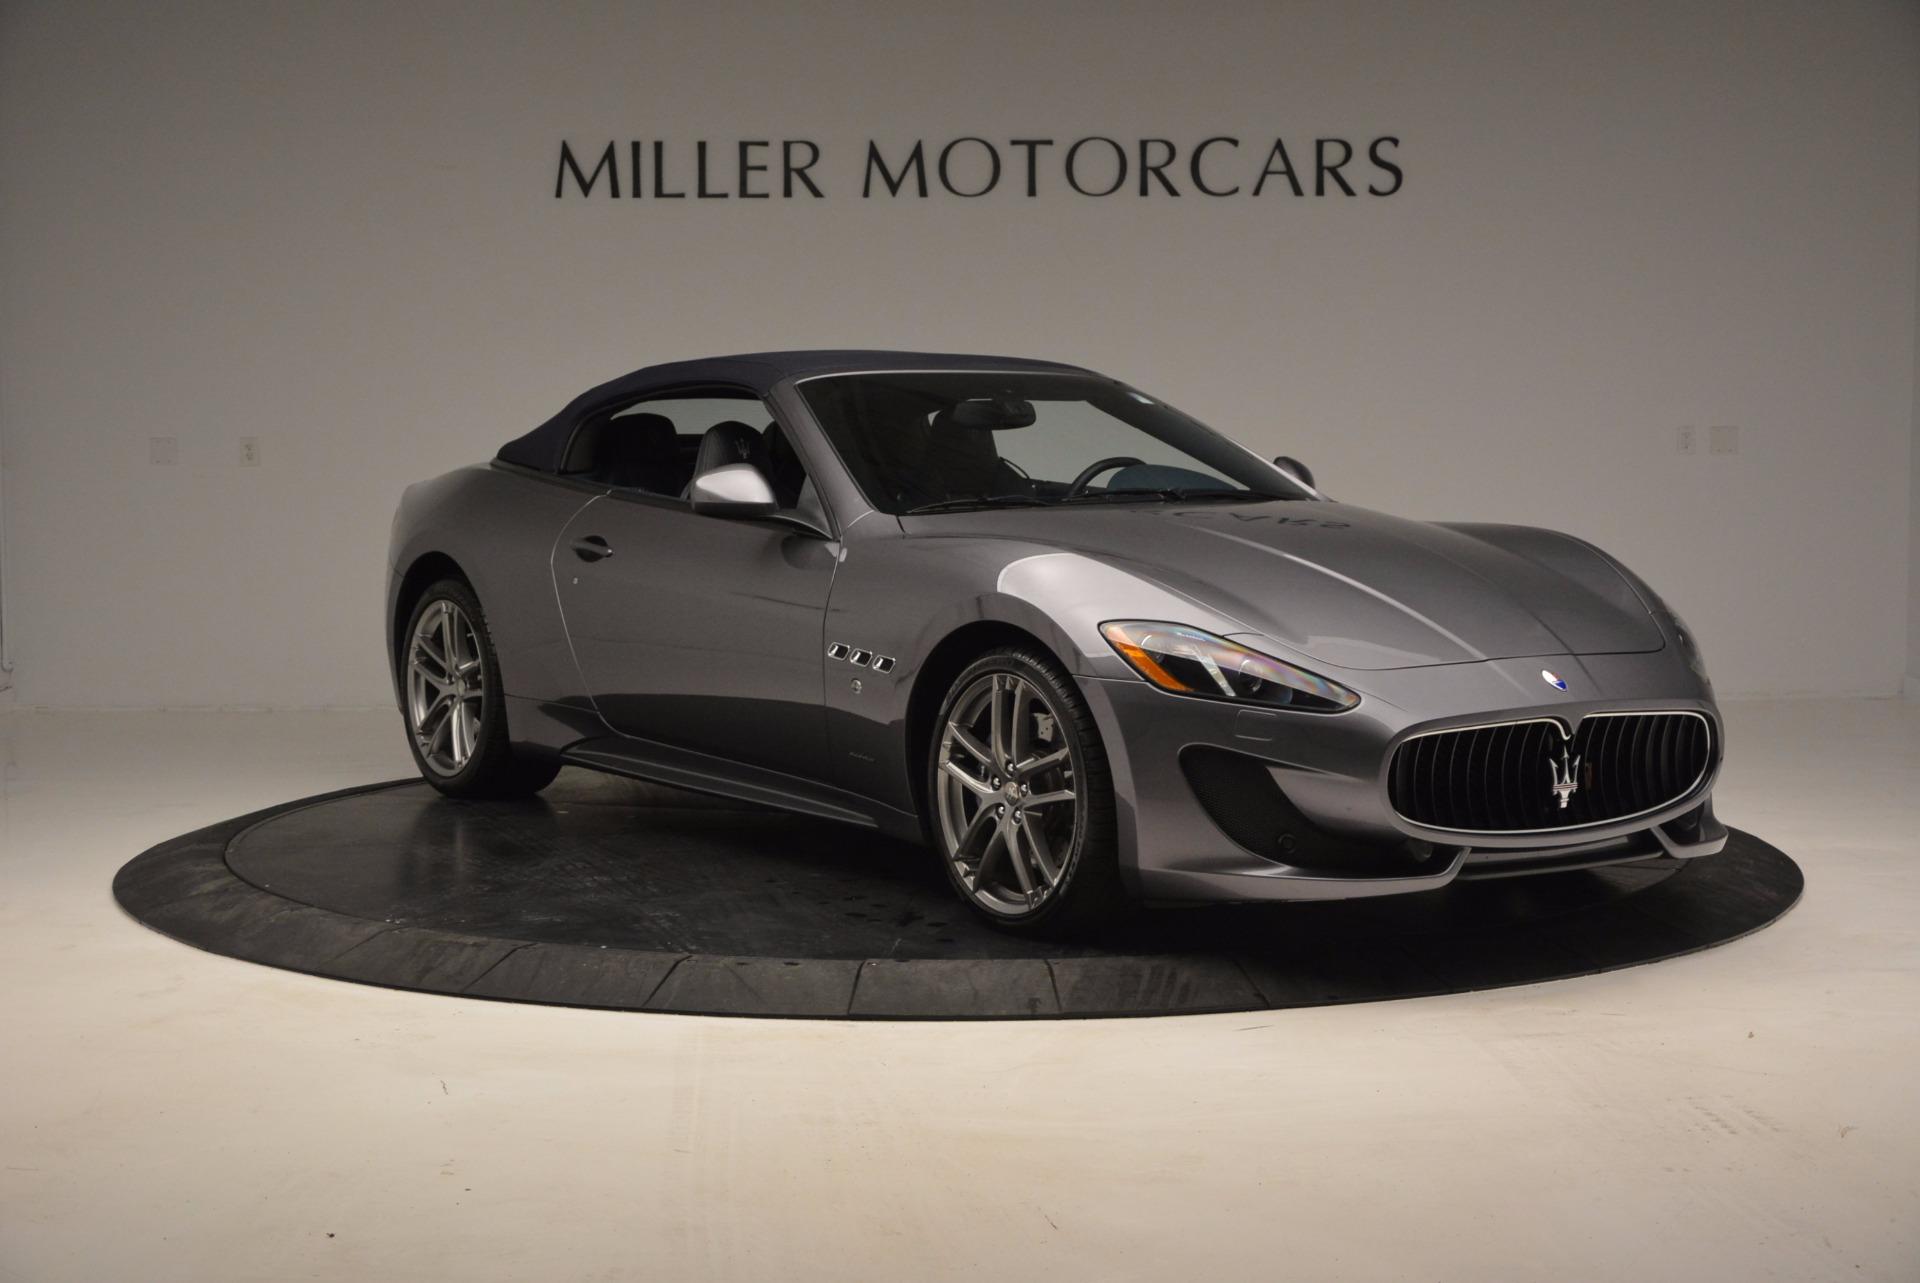 New 2016 Maserati GranTurismo Convertible Sport For Sale In Greenwich, CT 154_p16